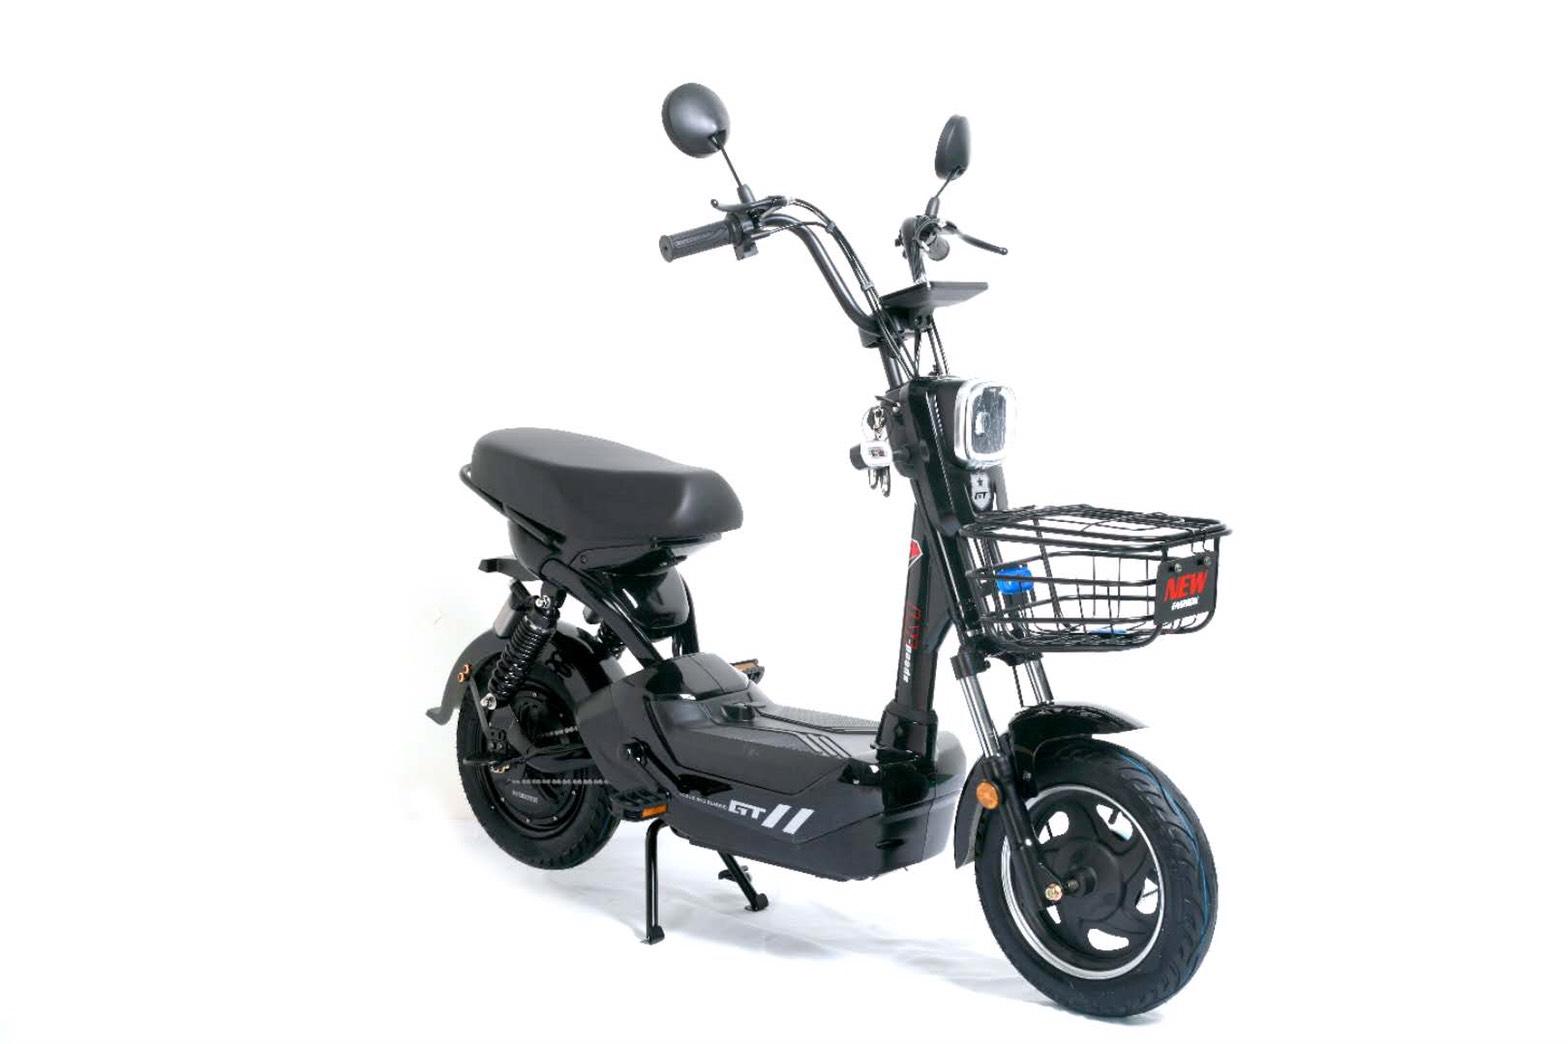 JIBBY-Z จักรยานไฟฟ้าสกู๊ตเตอร์ 350 วัตต์ 30 กม./ชม. 40 กม./ชาร์จ